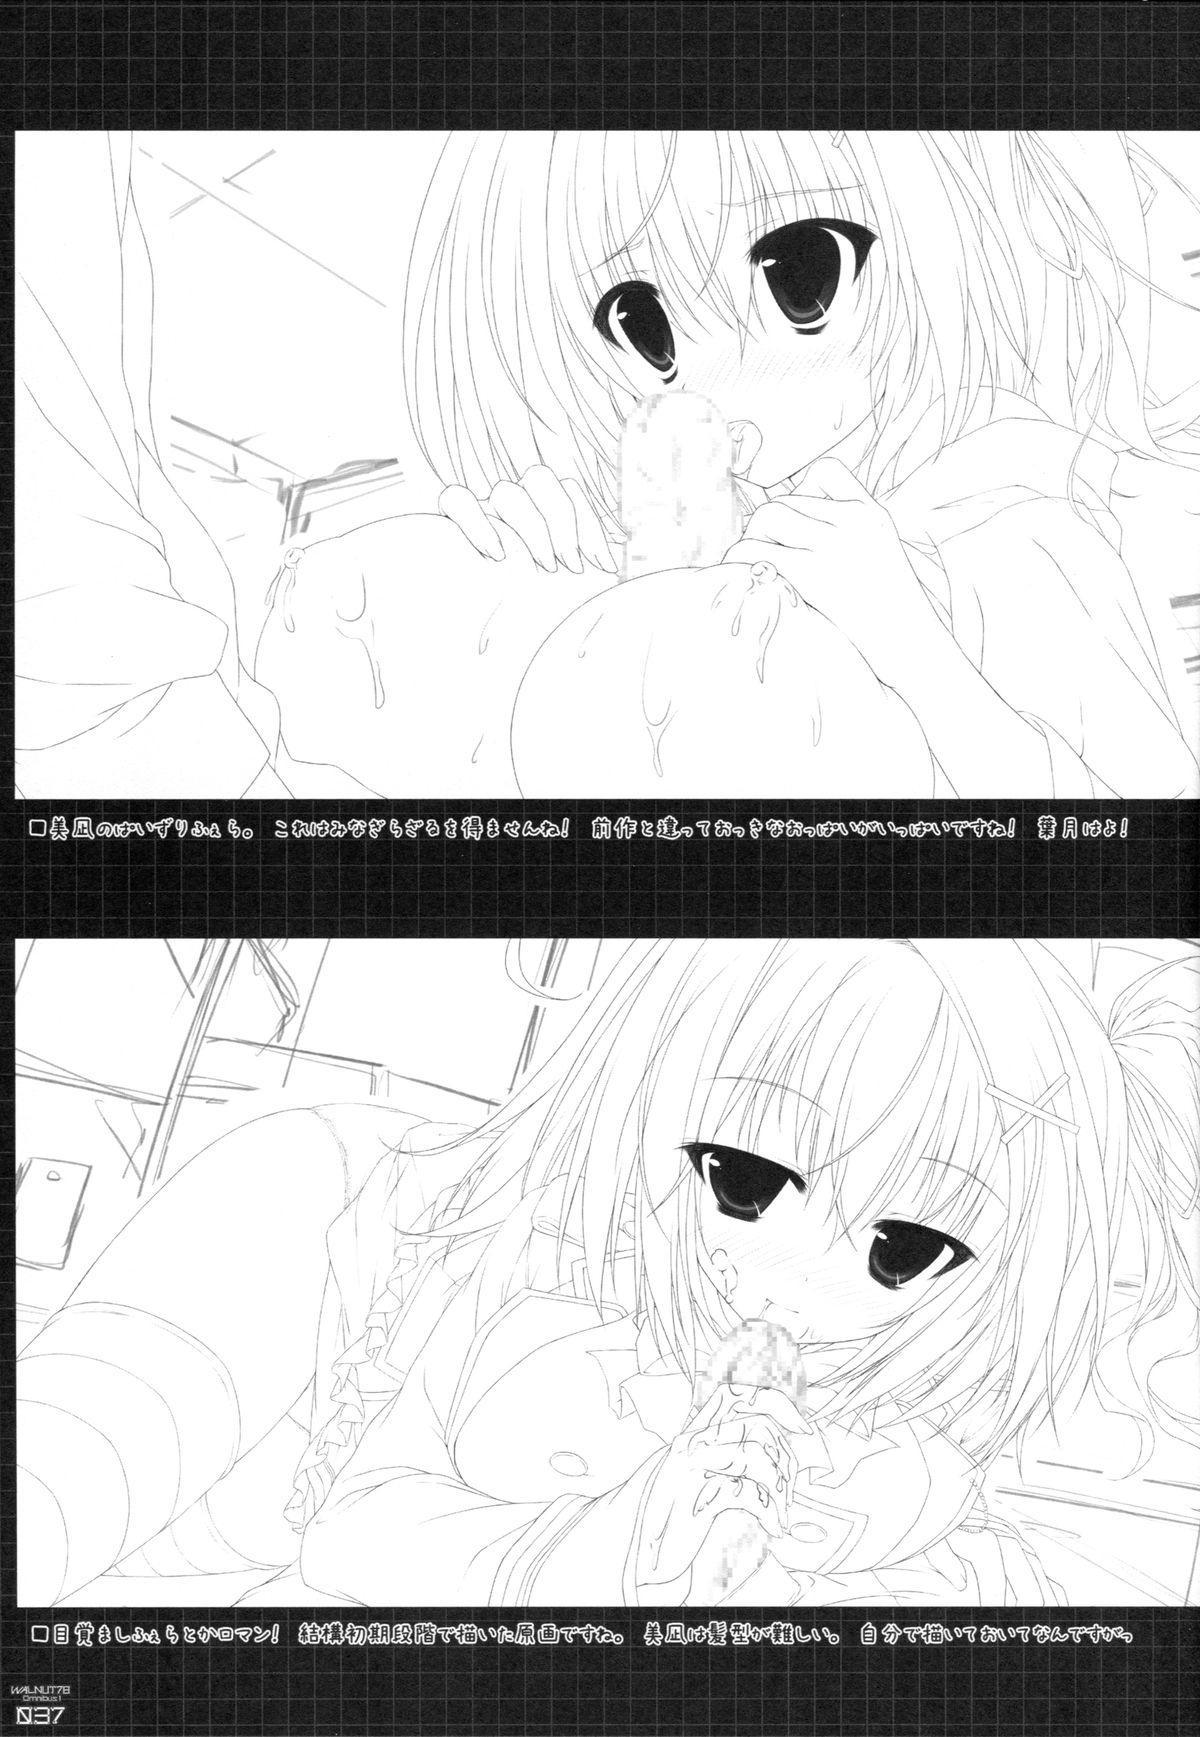 (C89) [Sui-en (Sui-en)] WALNUT78 Omnibus 1 -Suien-en Illustrations 2012-2014- (Various) 34